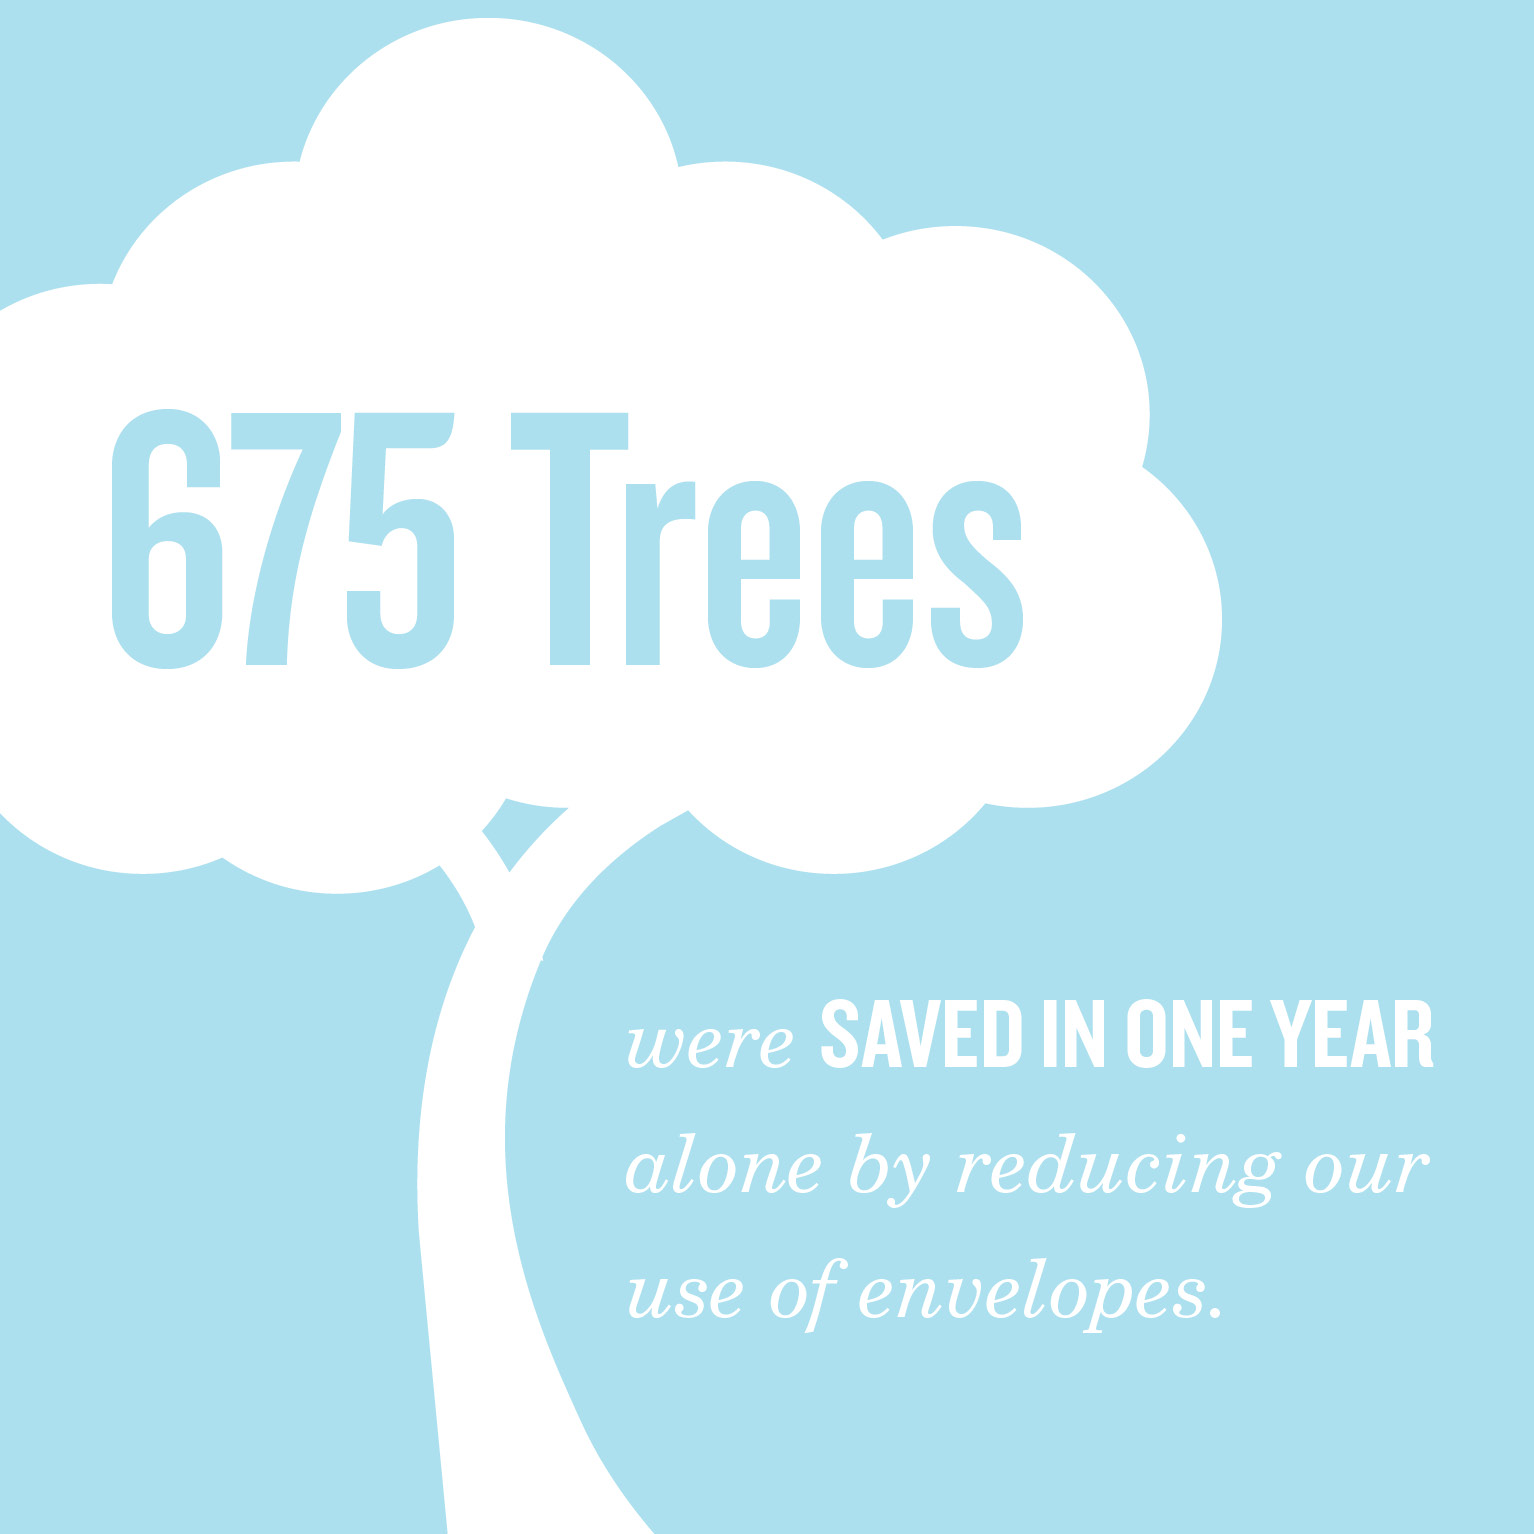 675Trees